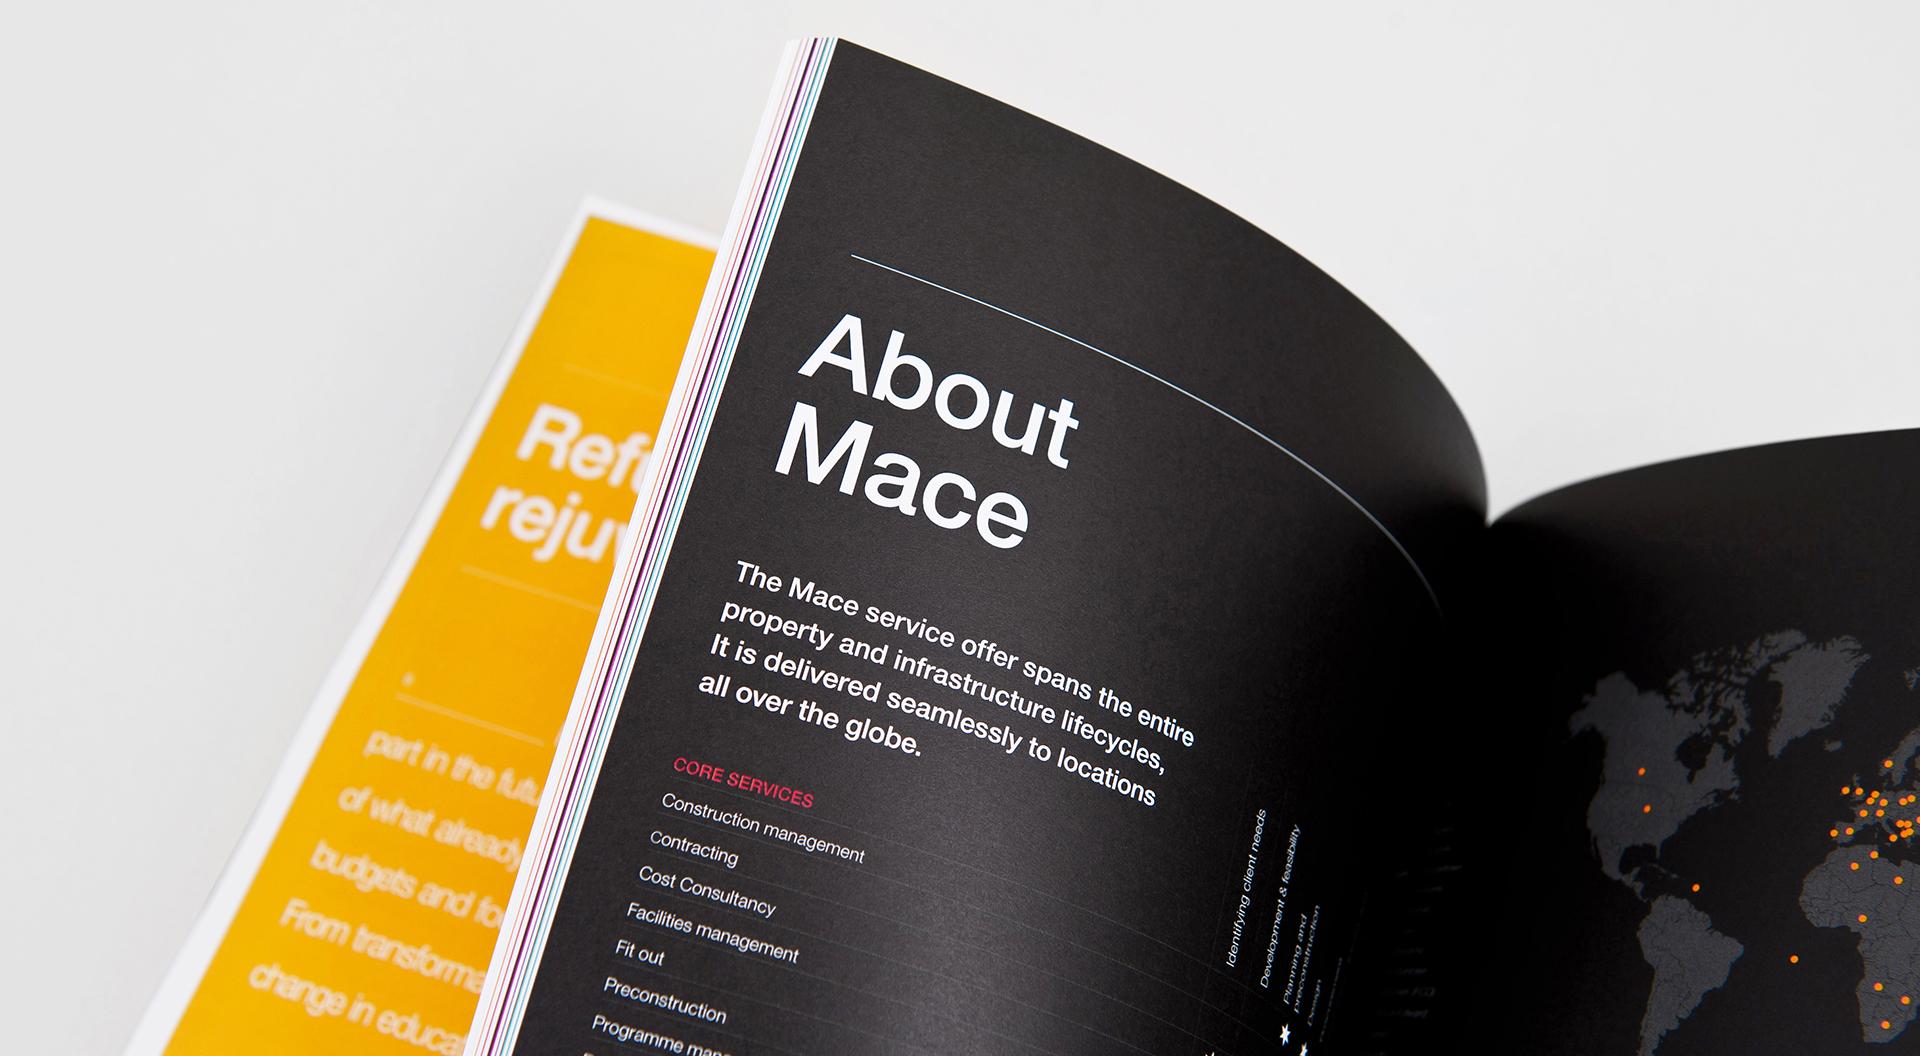 Mace_Accounts_02 - 400